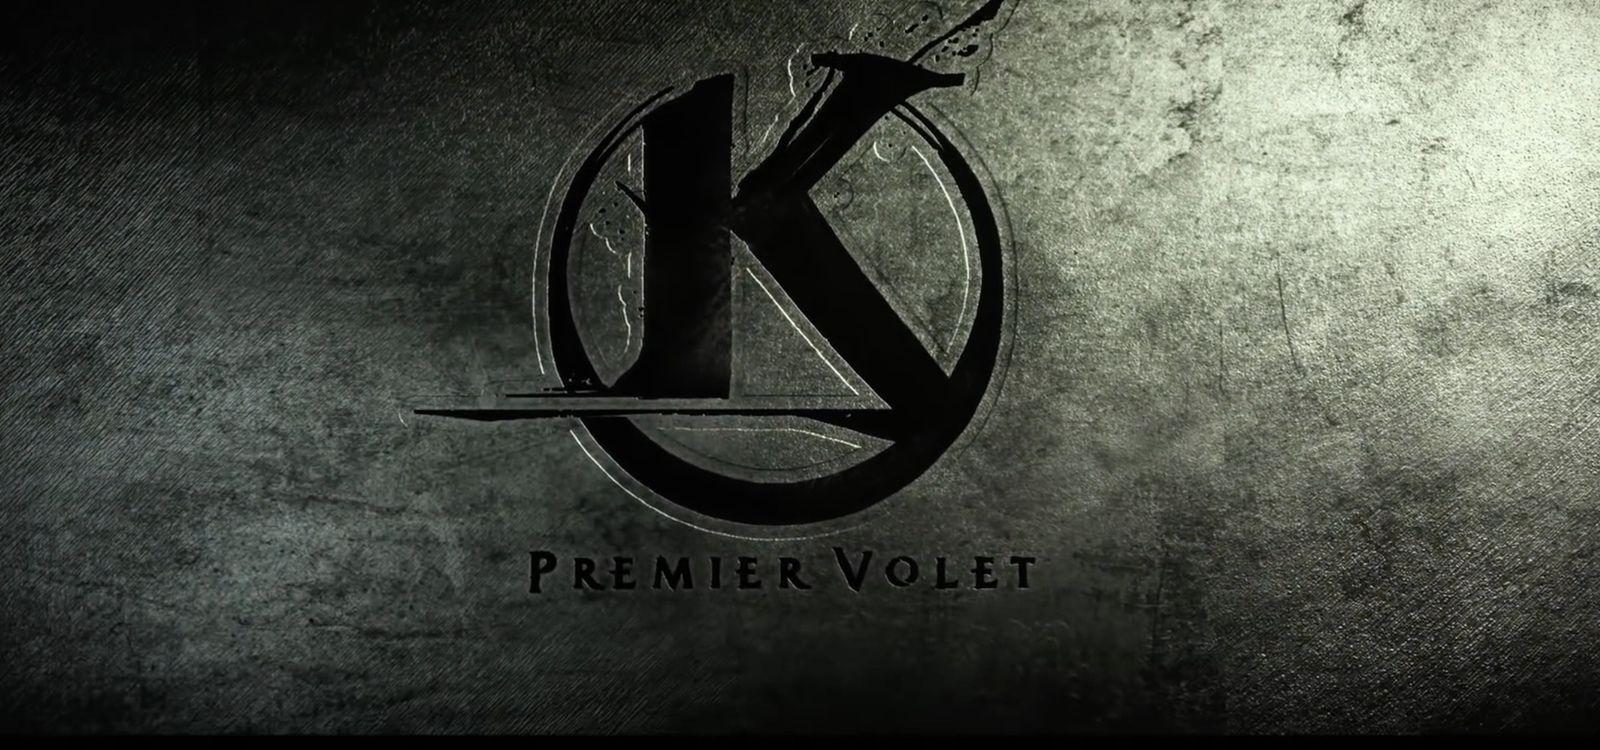 Premières images du film Kaamelott - premier volet (Vidéo).